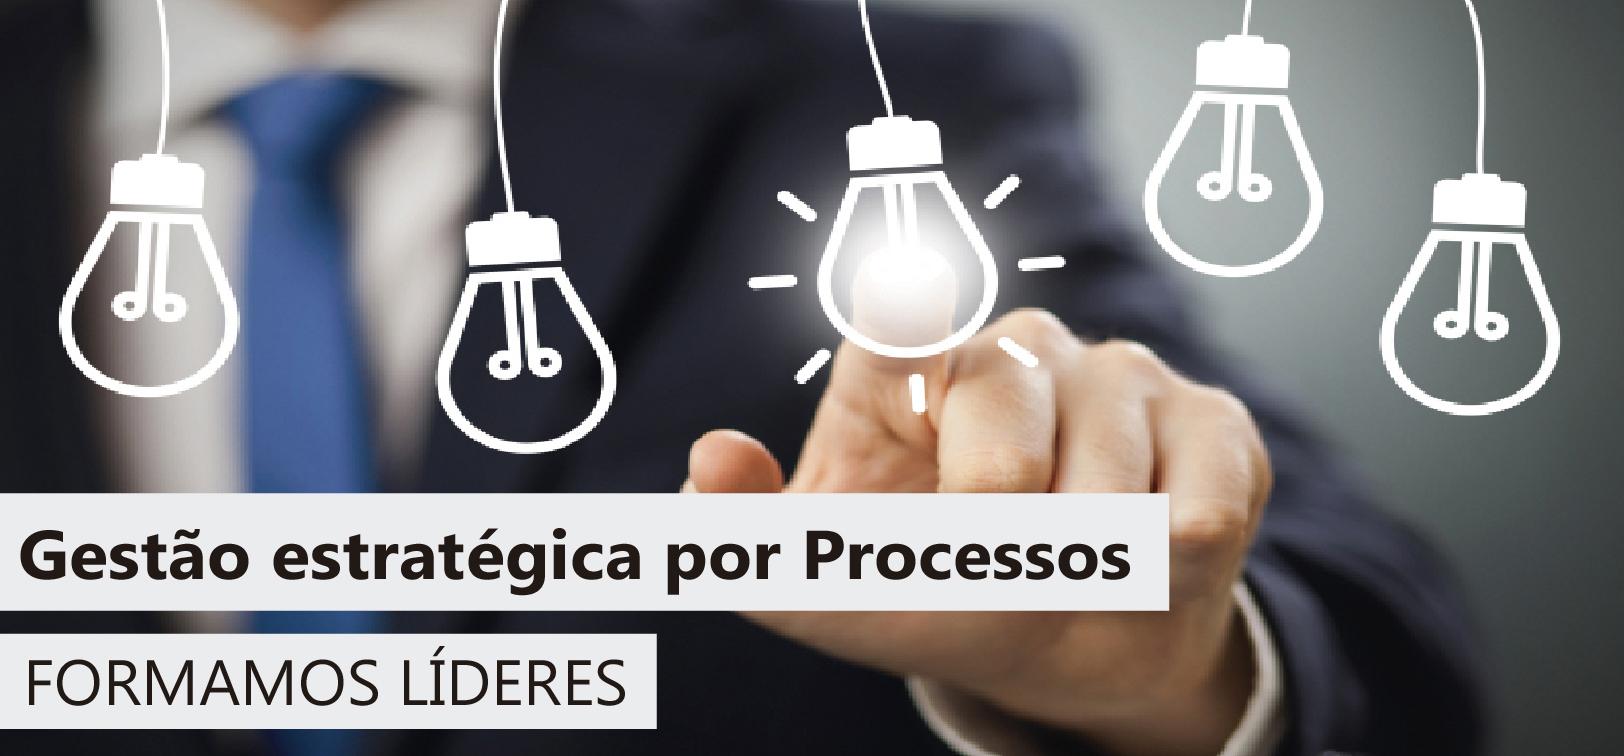 Gestão estratégica por Processos